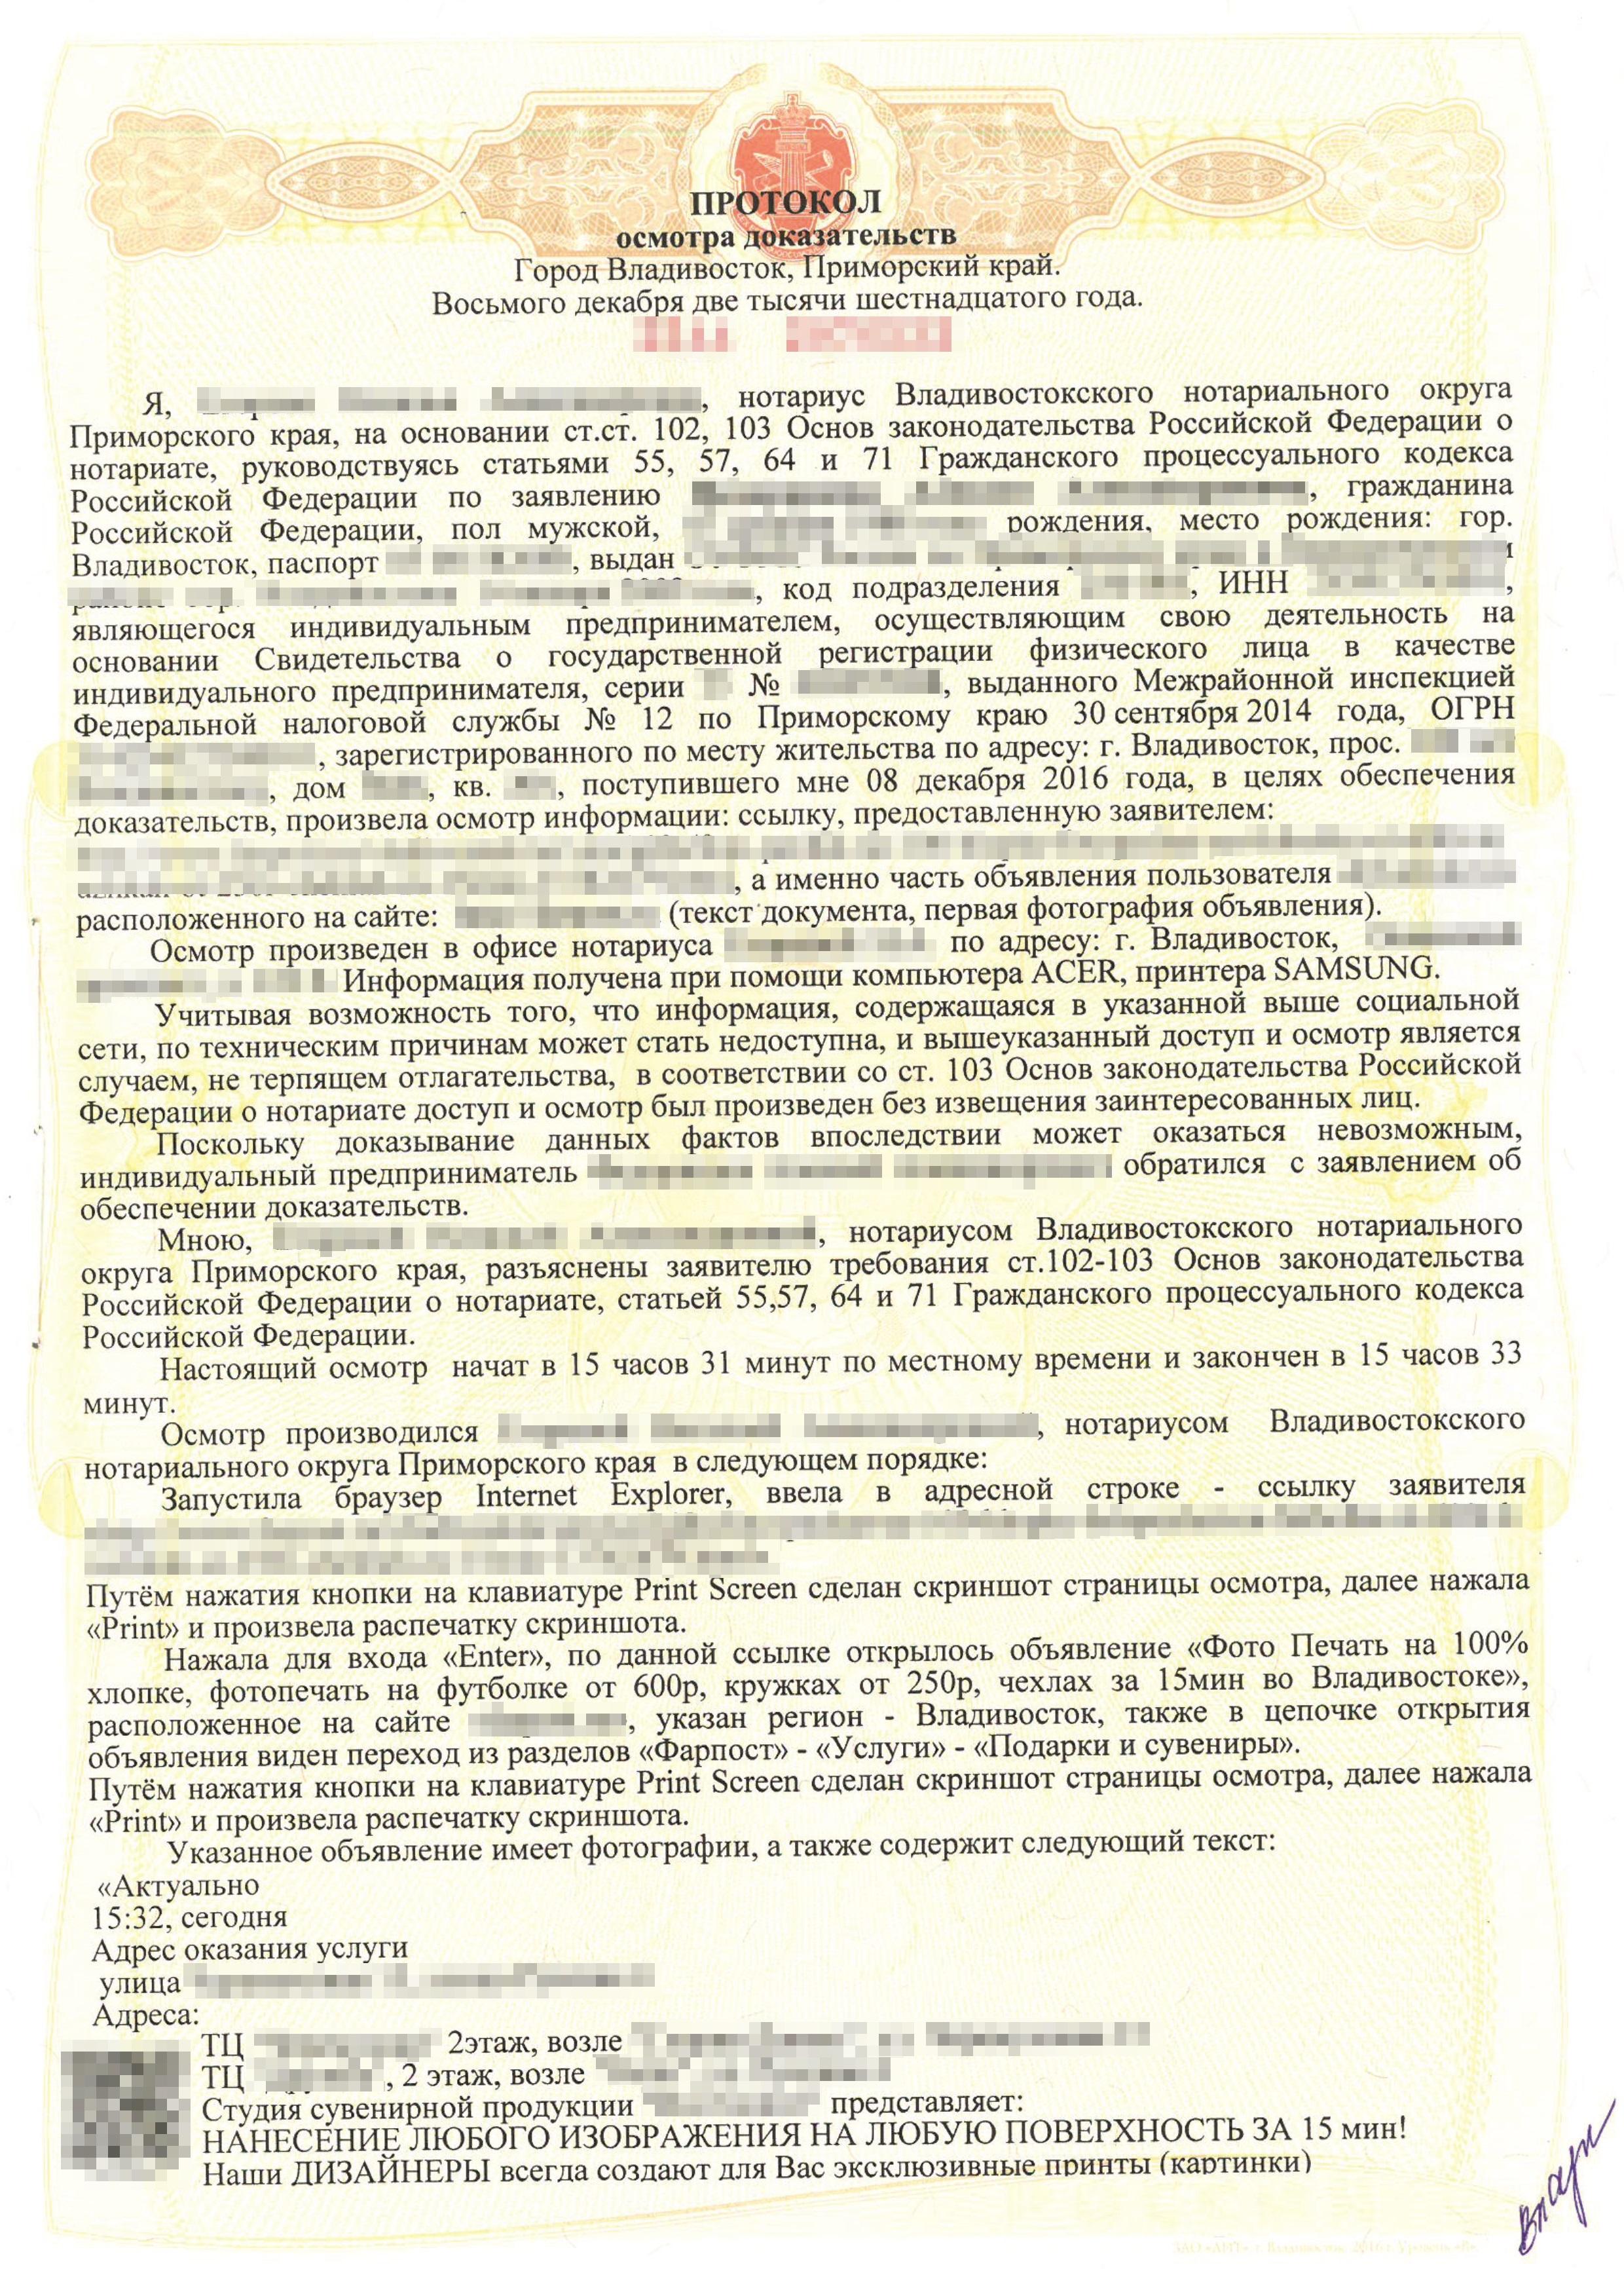 Первая страница протокола